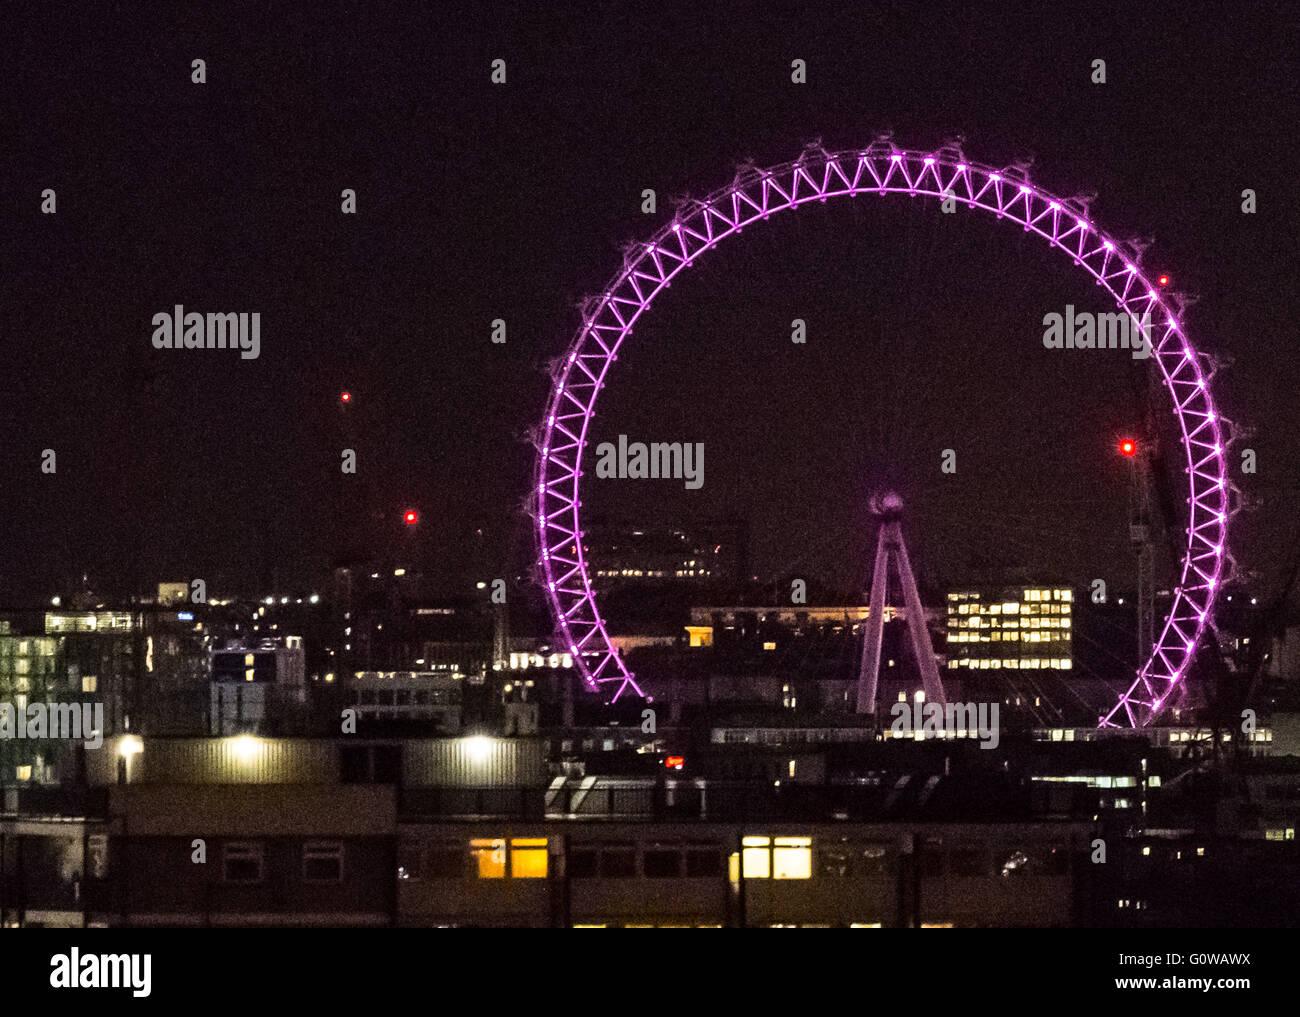 Londres, Reino Unido. 4 de mayo de 2016. Las elecciones a la alcaldía Iluminación: London Eye va rosado en la víspera de la jornada electoral. Crédito: Guy Corbishley/Alamy Live News Foto de stock